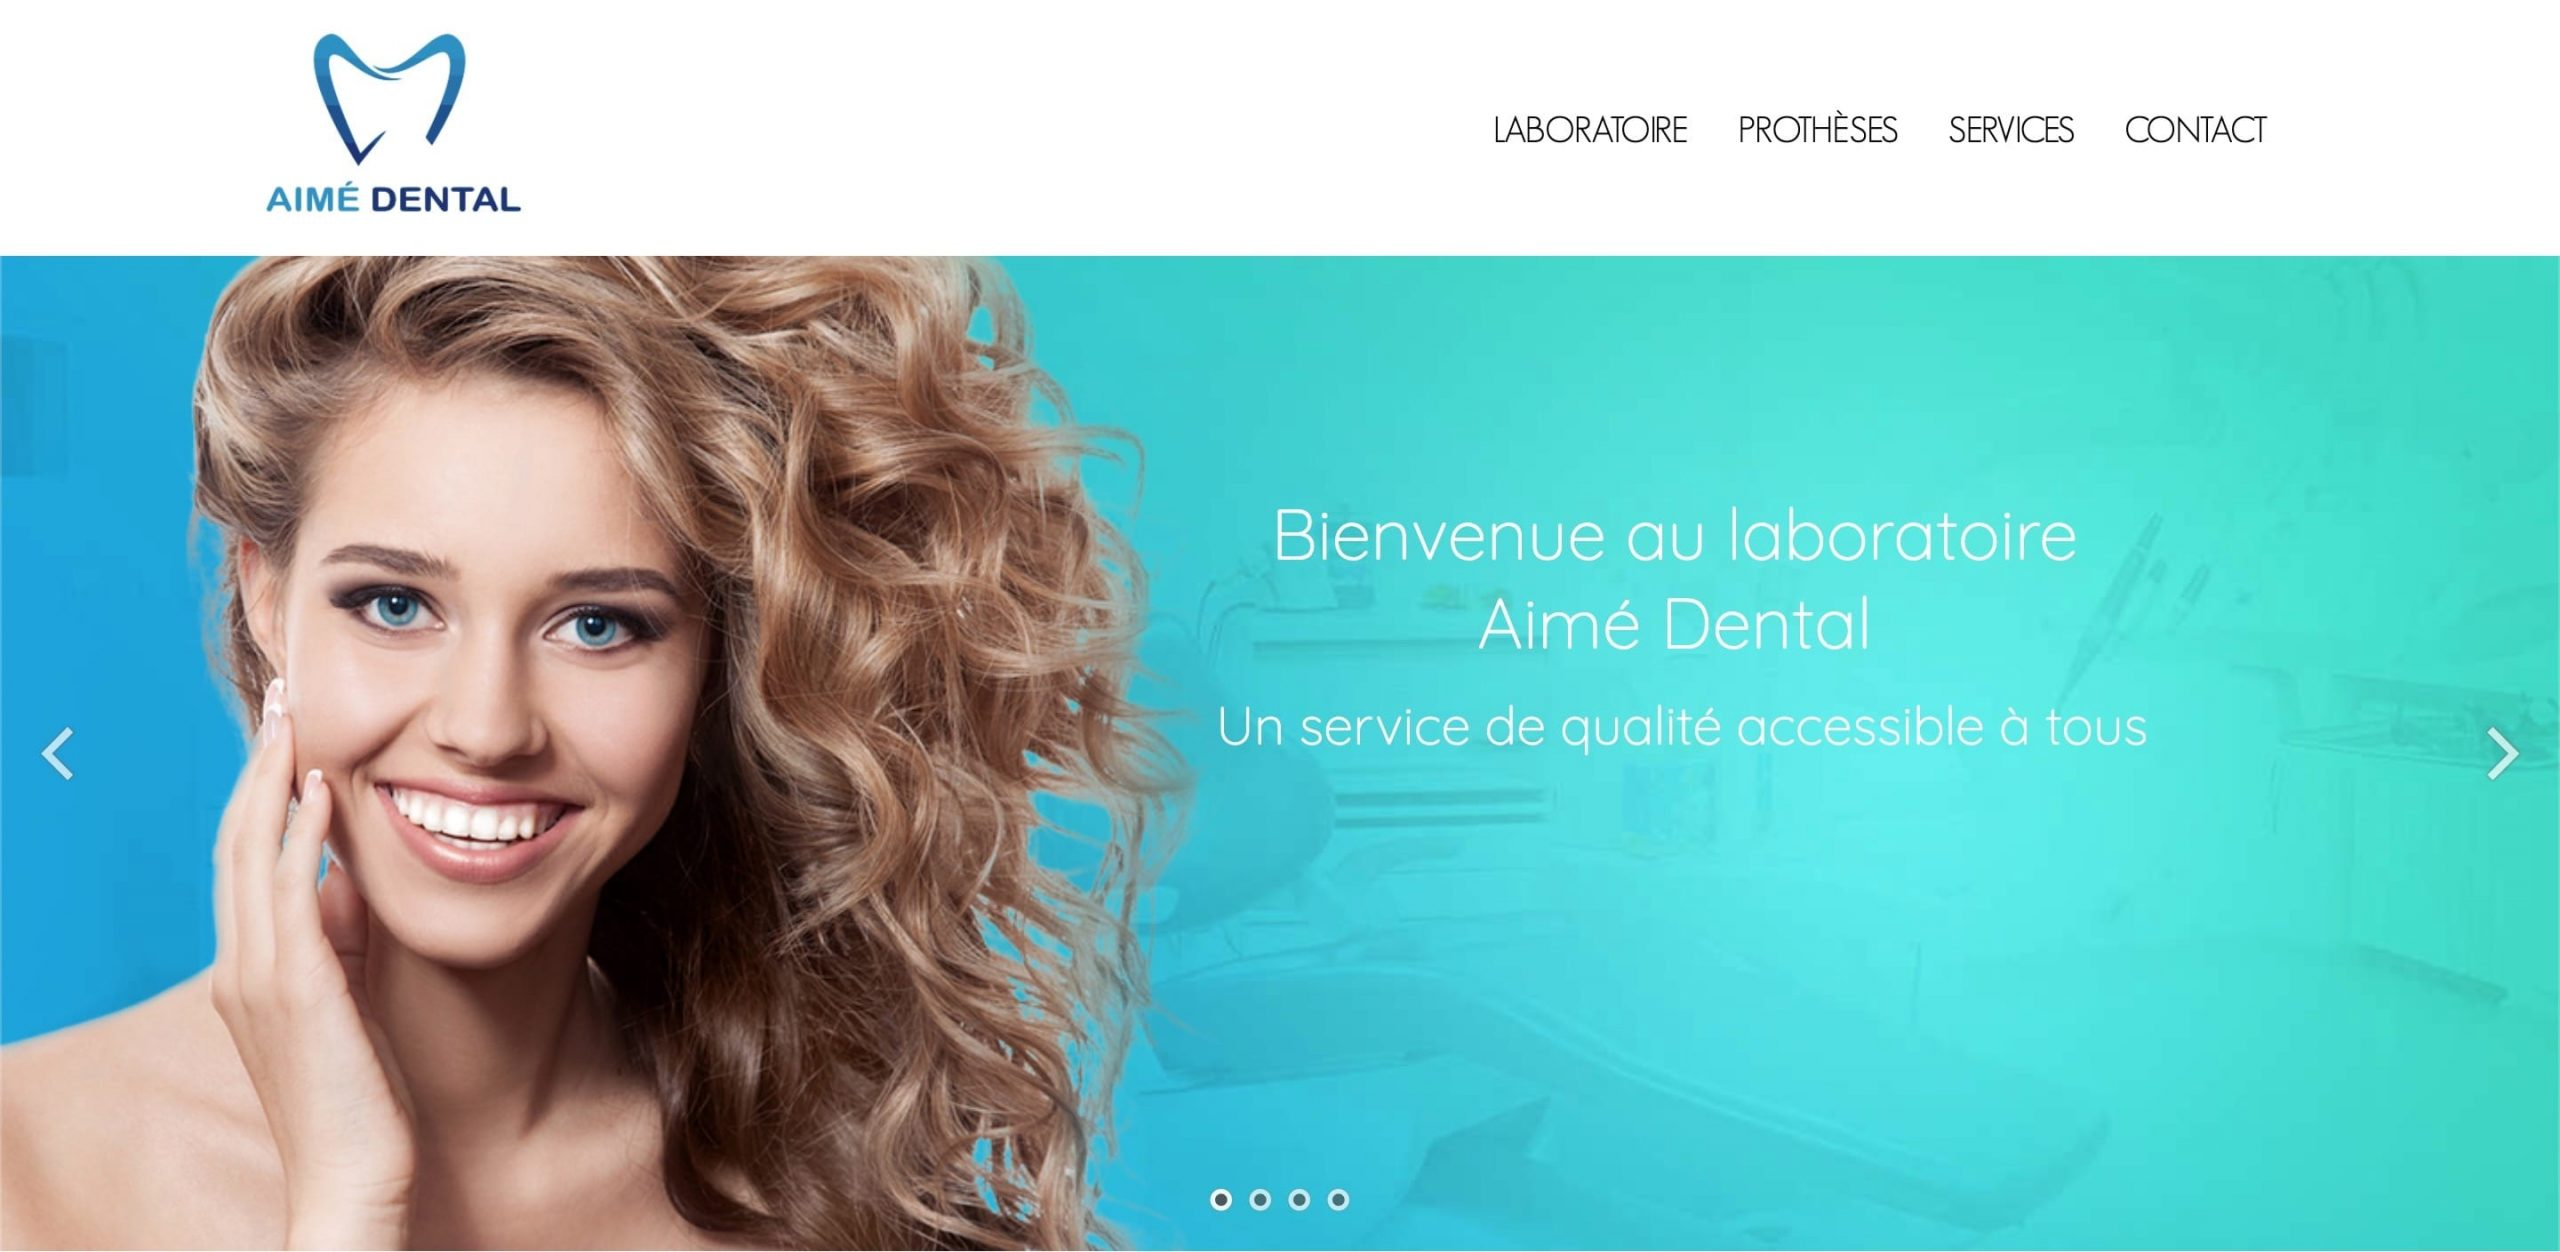 Aime Dental Laboratoire - Julien Webotop